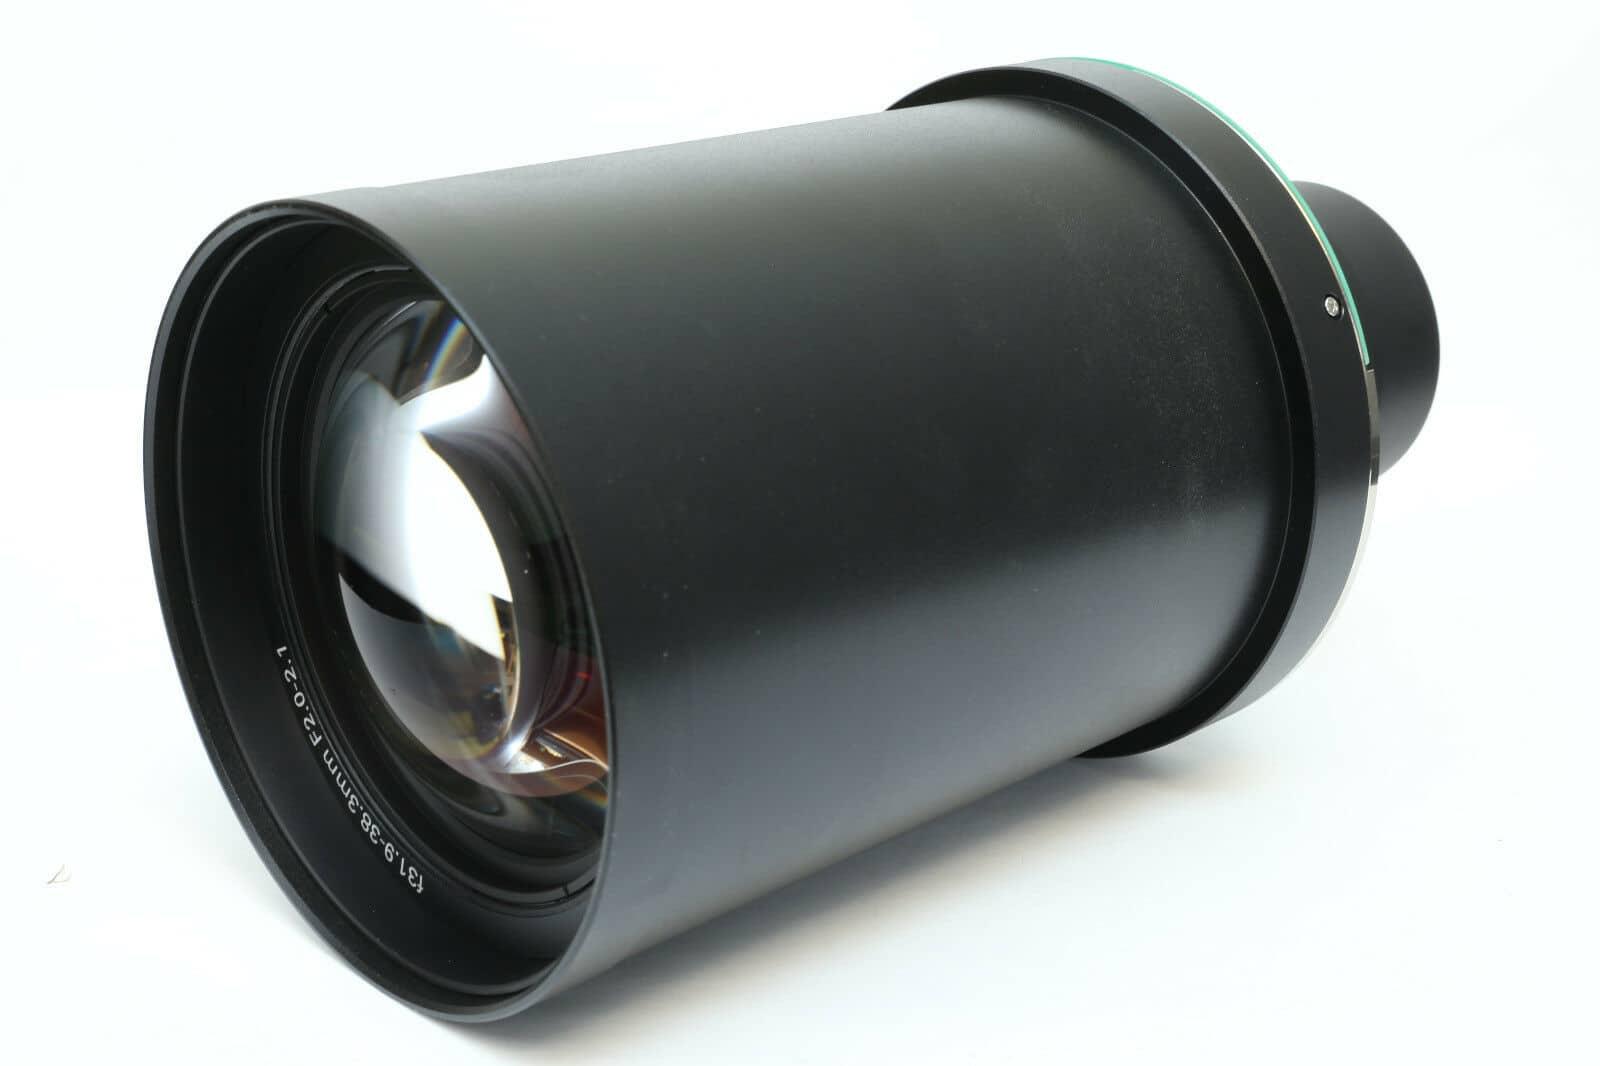 Objectif videoprojecteur Sanyo LNS-W53